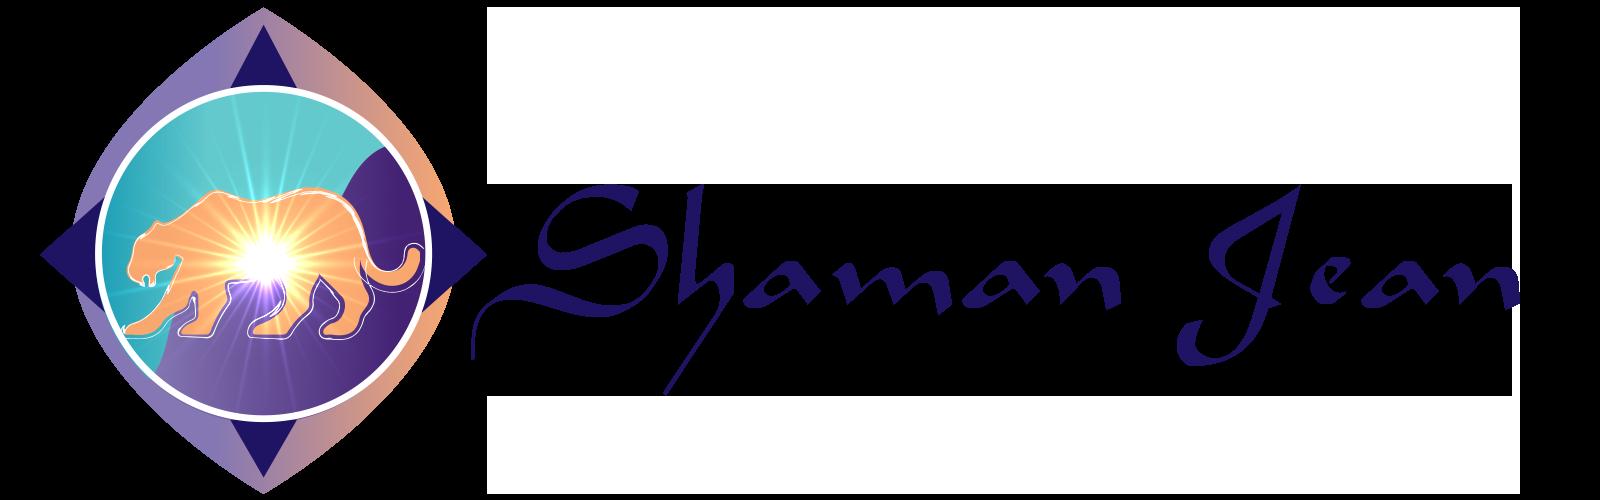 Shaman Jean